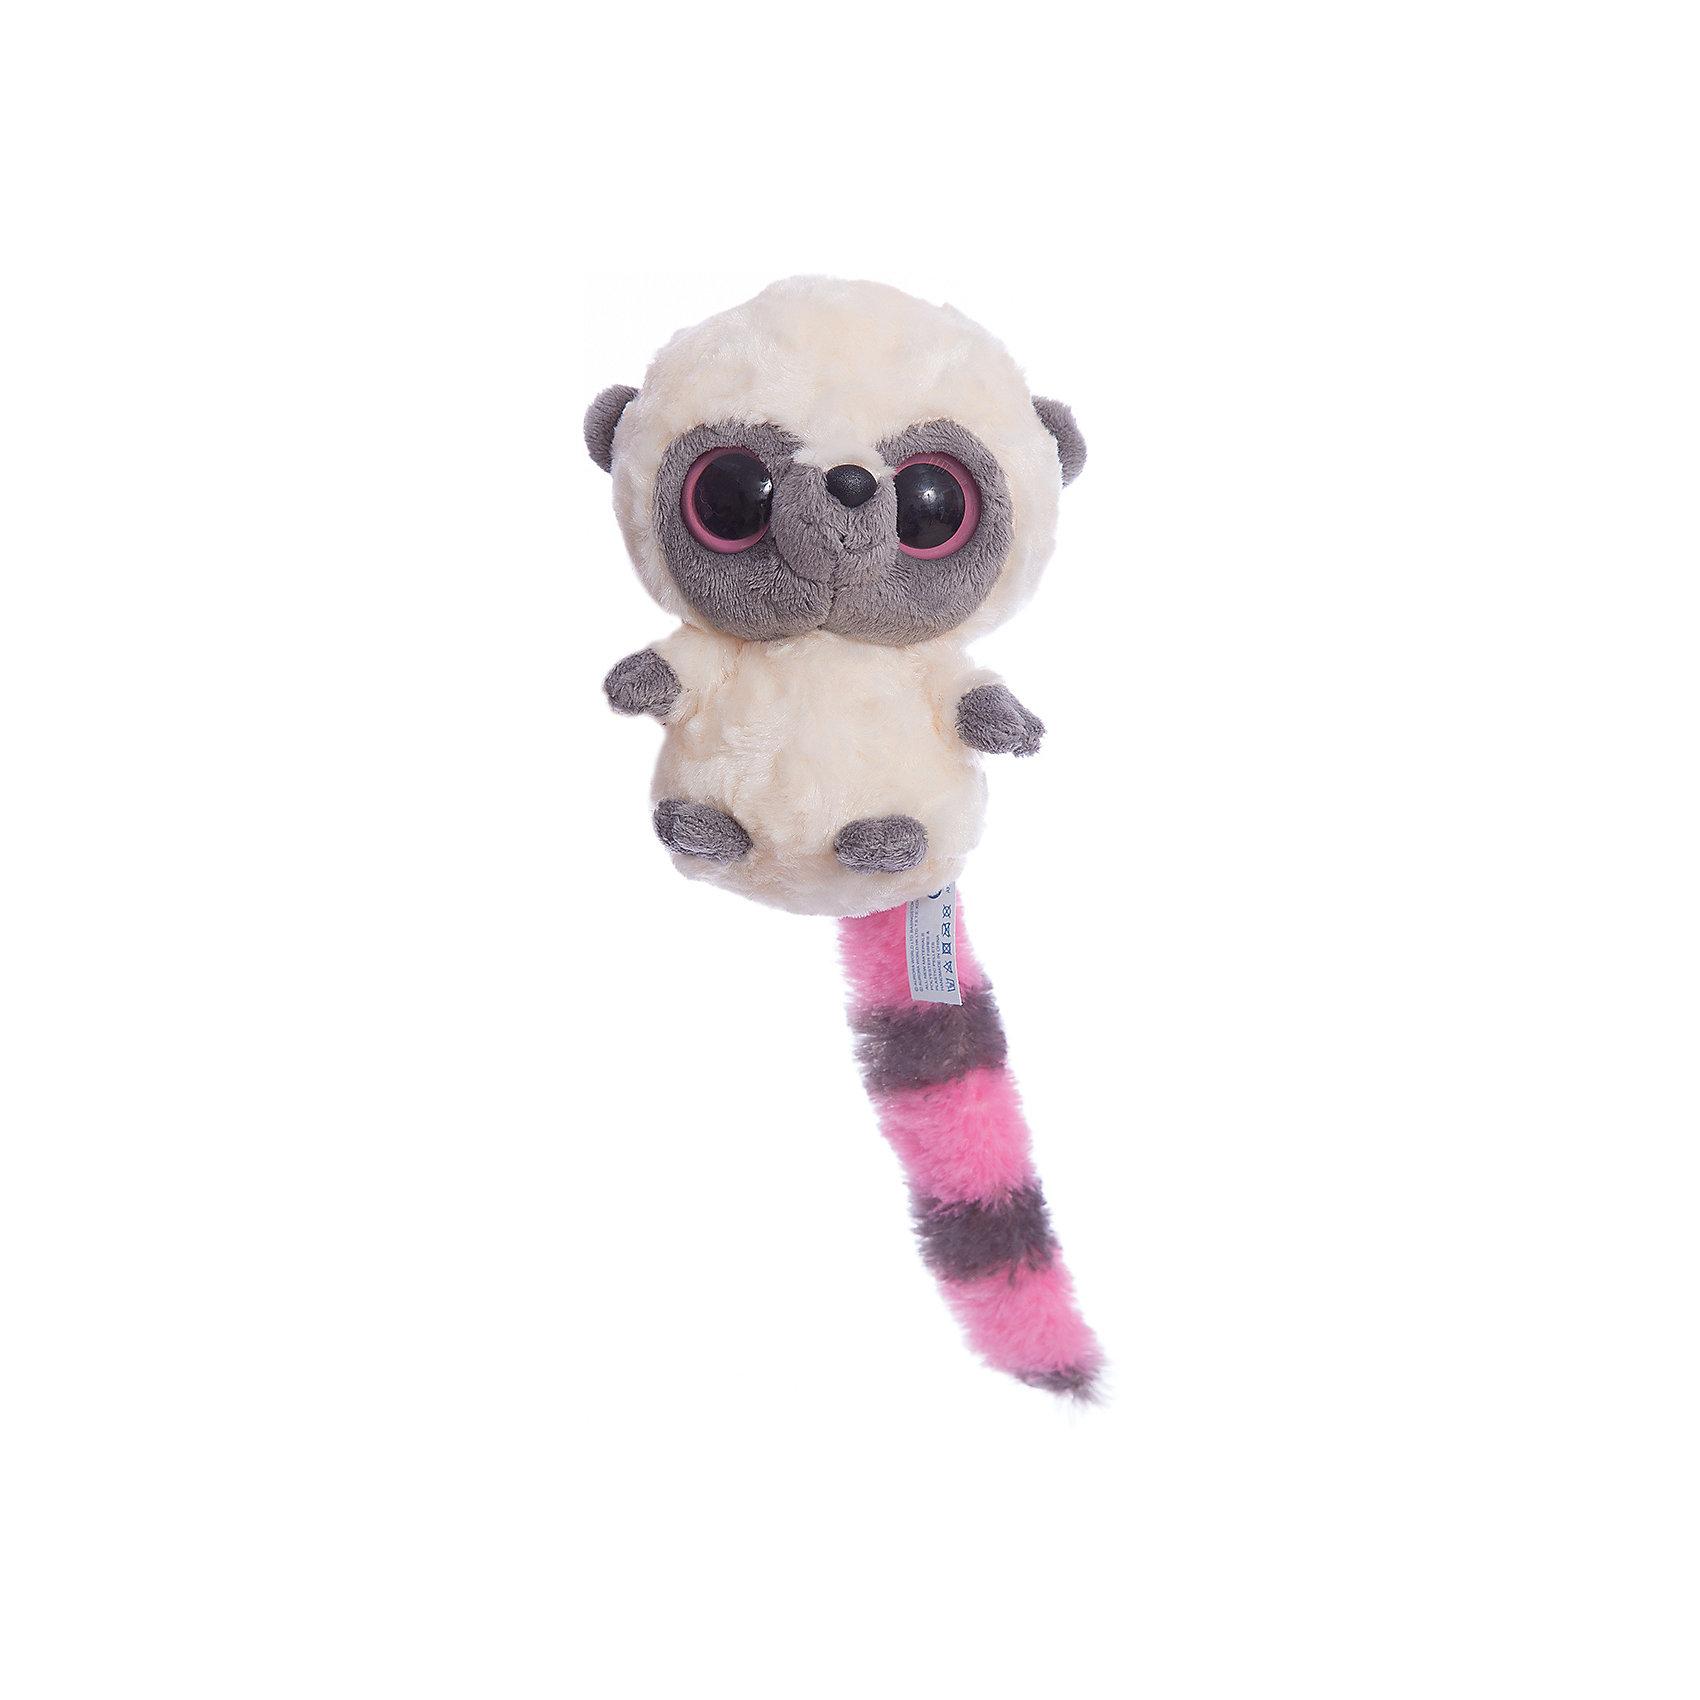 Мягкая игрушка Юху розовый, 12см, Юху и друзья, AURORAЛюбимые герои<br>Милый и такой мягкий лемур Юху из  мультфильма Юху и его друзья обязательно понравится Вашему ребенку! У него бело-серая шерстка и  серо-розовый хвостик, а еще у Юху очень красивые глаза.<br><br>Дополнительная информация:<br><br>- Возраст: от 3 лет.<br>- Материал: плюш, синтепон.<br>- Высота игрушки: 12 см.<br>- Вес игрушки: 120 г.<br><br>Купить мягкую игрушку Юху в розовом цвете из мультфильма Юху и друзья, можно в нашем магазине.<br><br>Ширина мм: 90<br>Глубина мм: 90<br>Высота мм: 120<br>Вес г: 98<br>Возраст от месяцев: 36<br>Возраст до месяцев: 120<br>Пол: Унисекс<br>Возраст: Детский<br>SKU: 4929021